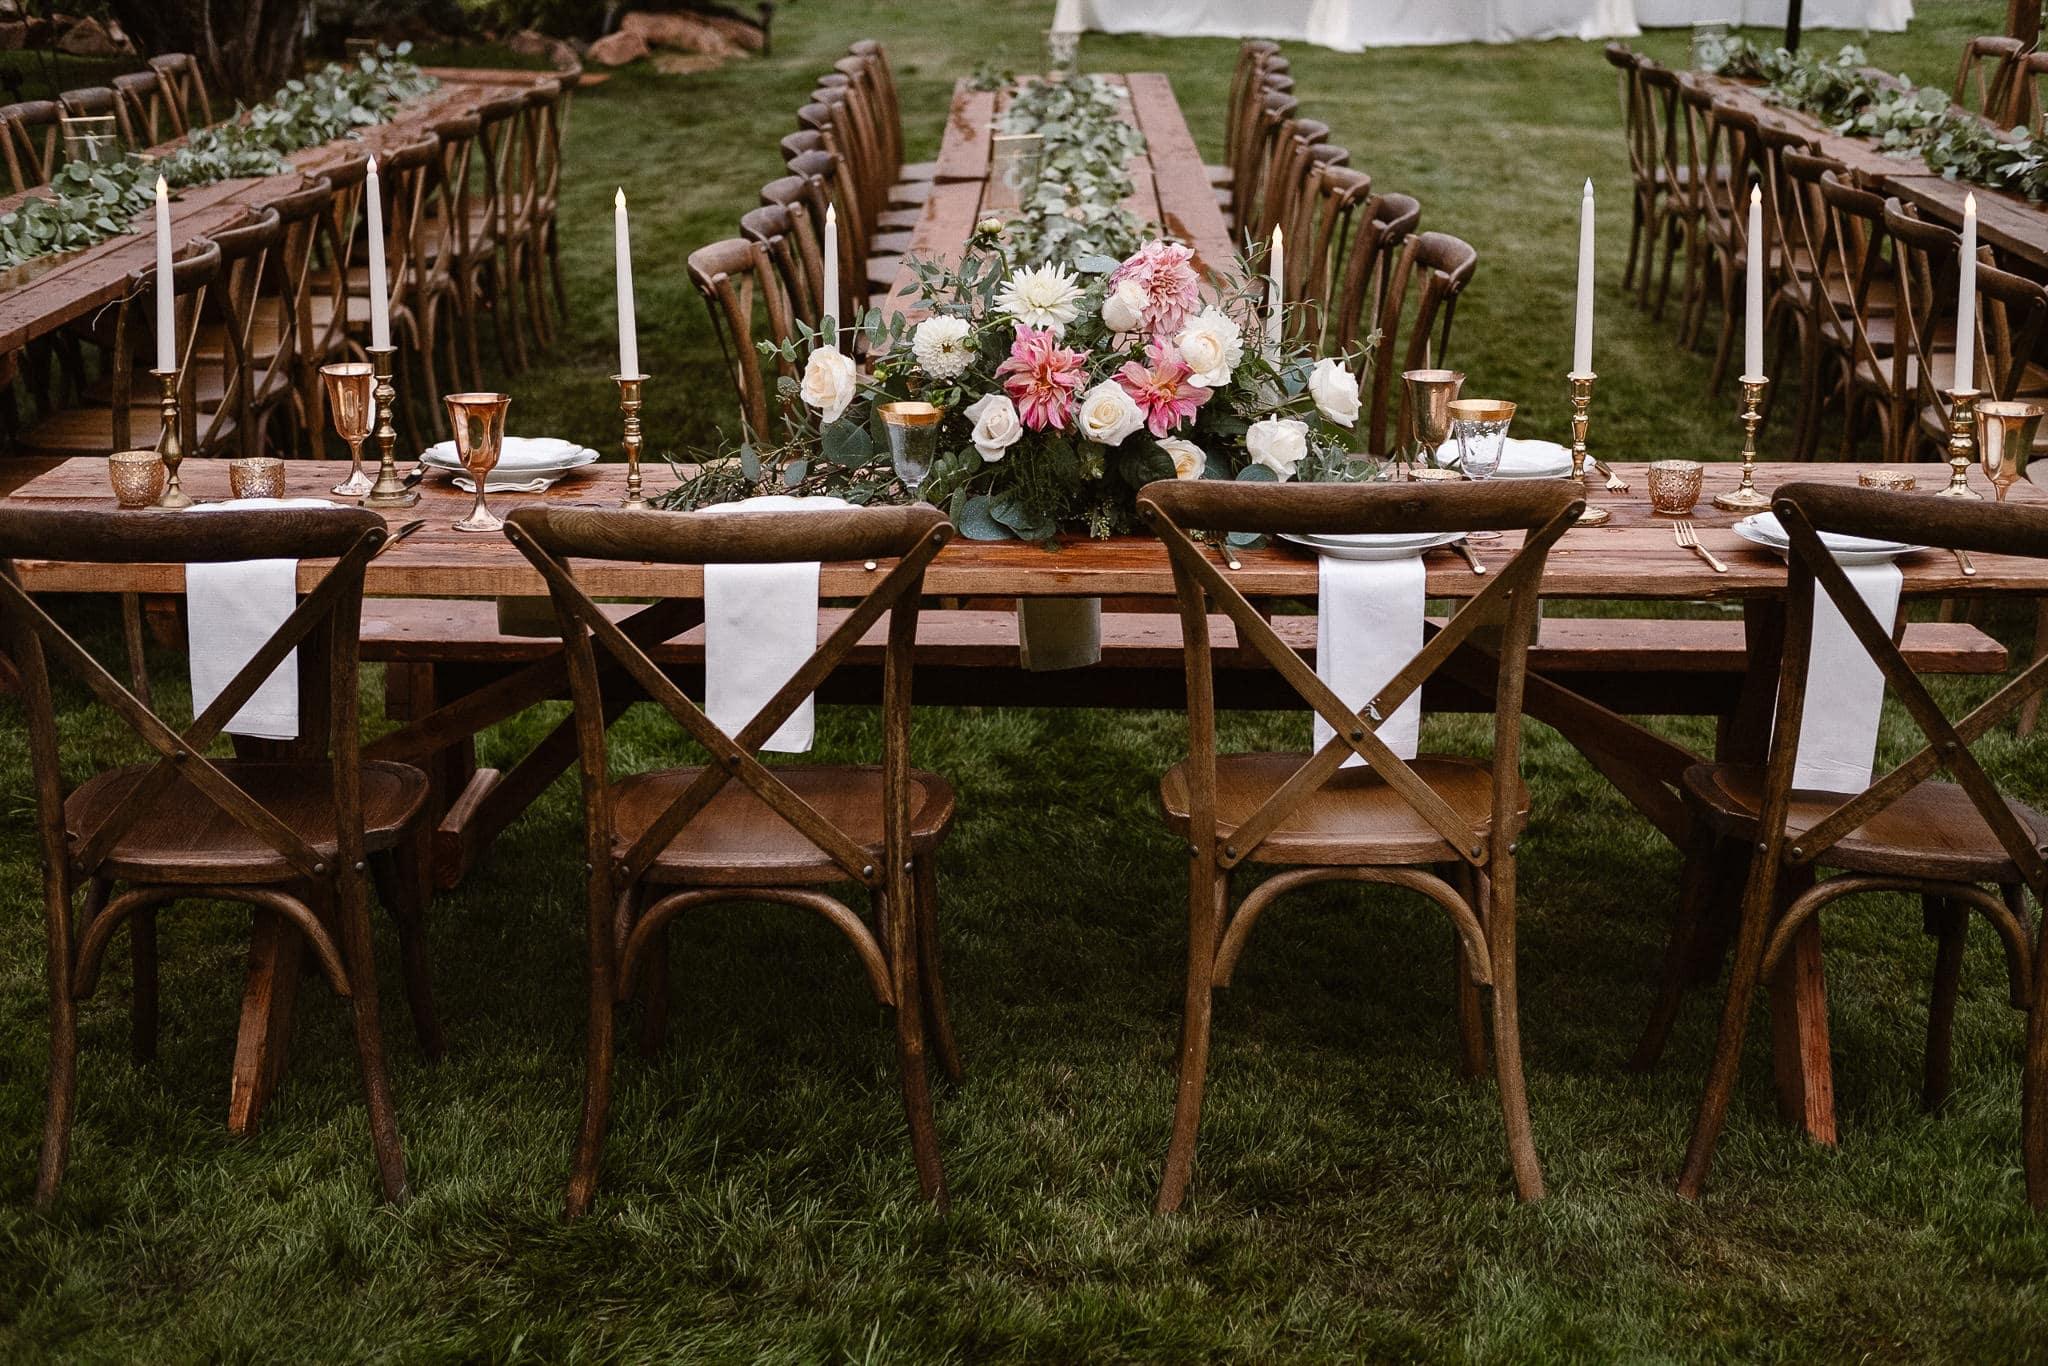 Aspen ranch wedding, Colorado mountain wedding photographer, private ranch wedding reception, head table decorations